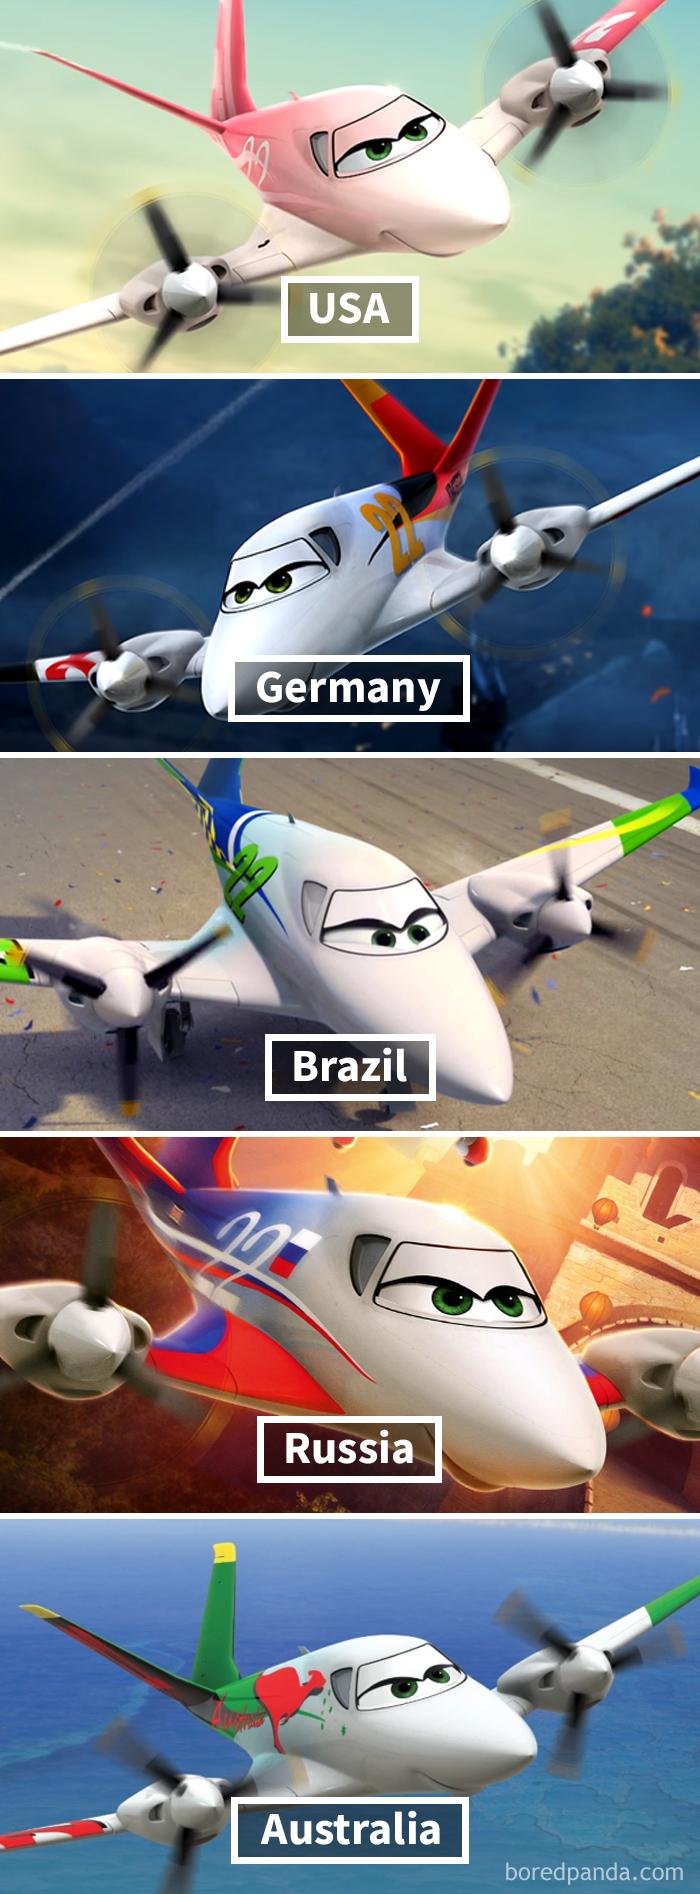 5fbf657684e2e 5 5fbcfac6dc5b1  700 - Detalhes que a Pixar e a Disney mudaram em seus filmes em países diferentes